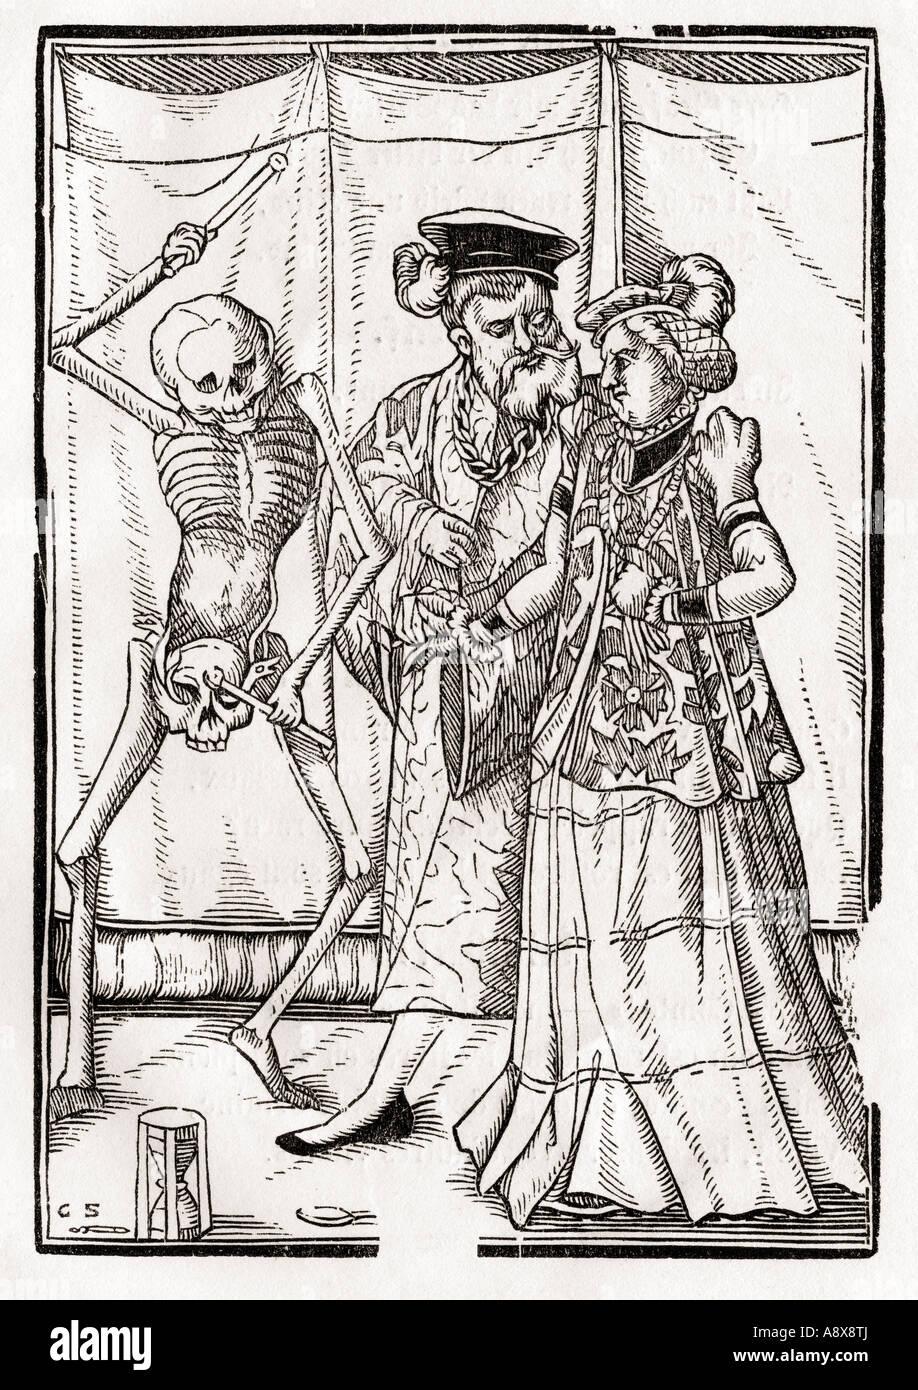 La morte arriva alla duchessa xilografia di Georg Scharffenberg da Der Todten Tanz o la danza della morte pubblicato Immagini Stock